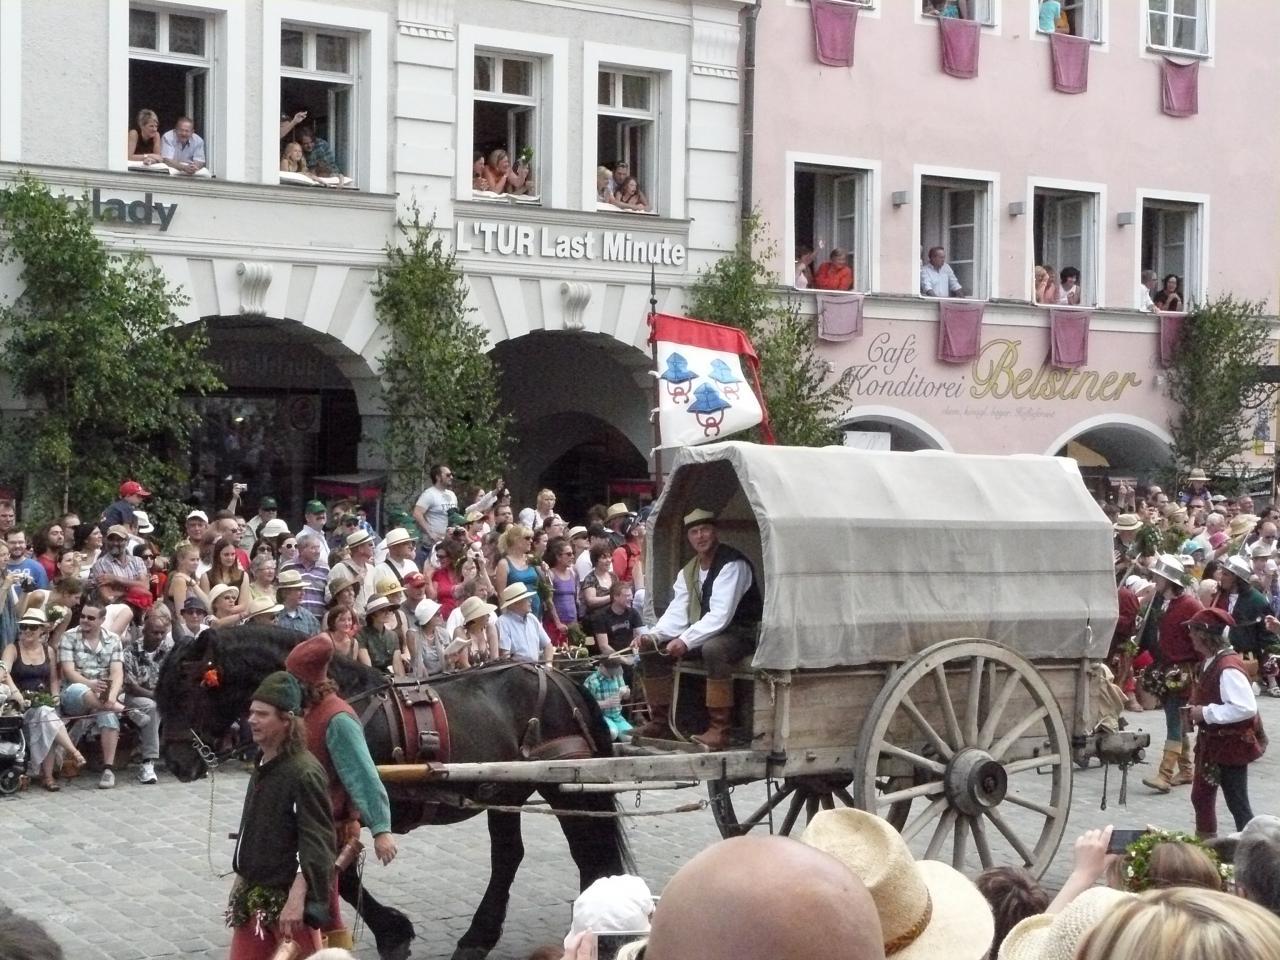 Hochzeitszug cariot et couleurs de Landshut